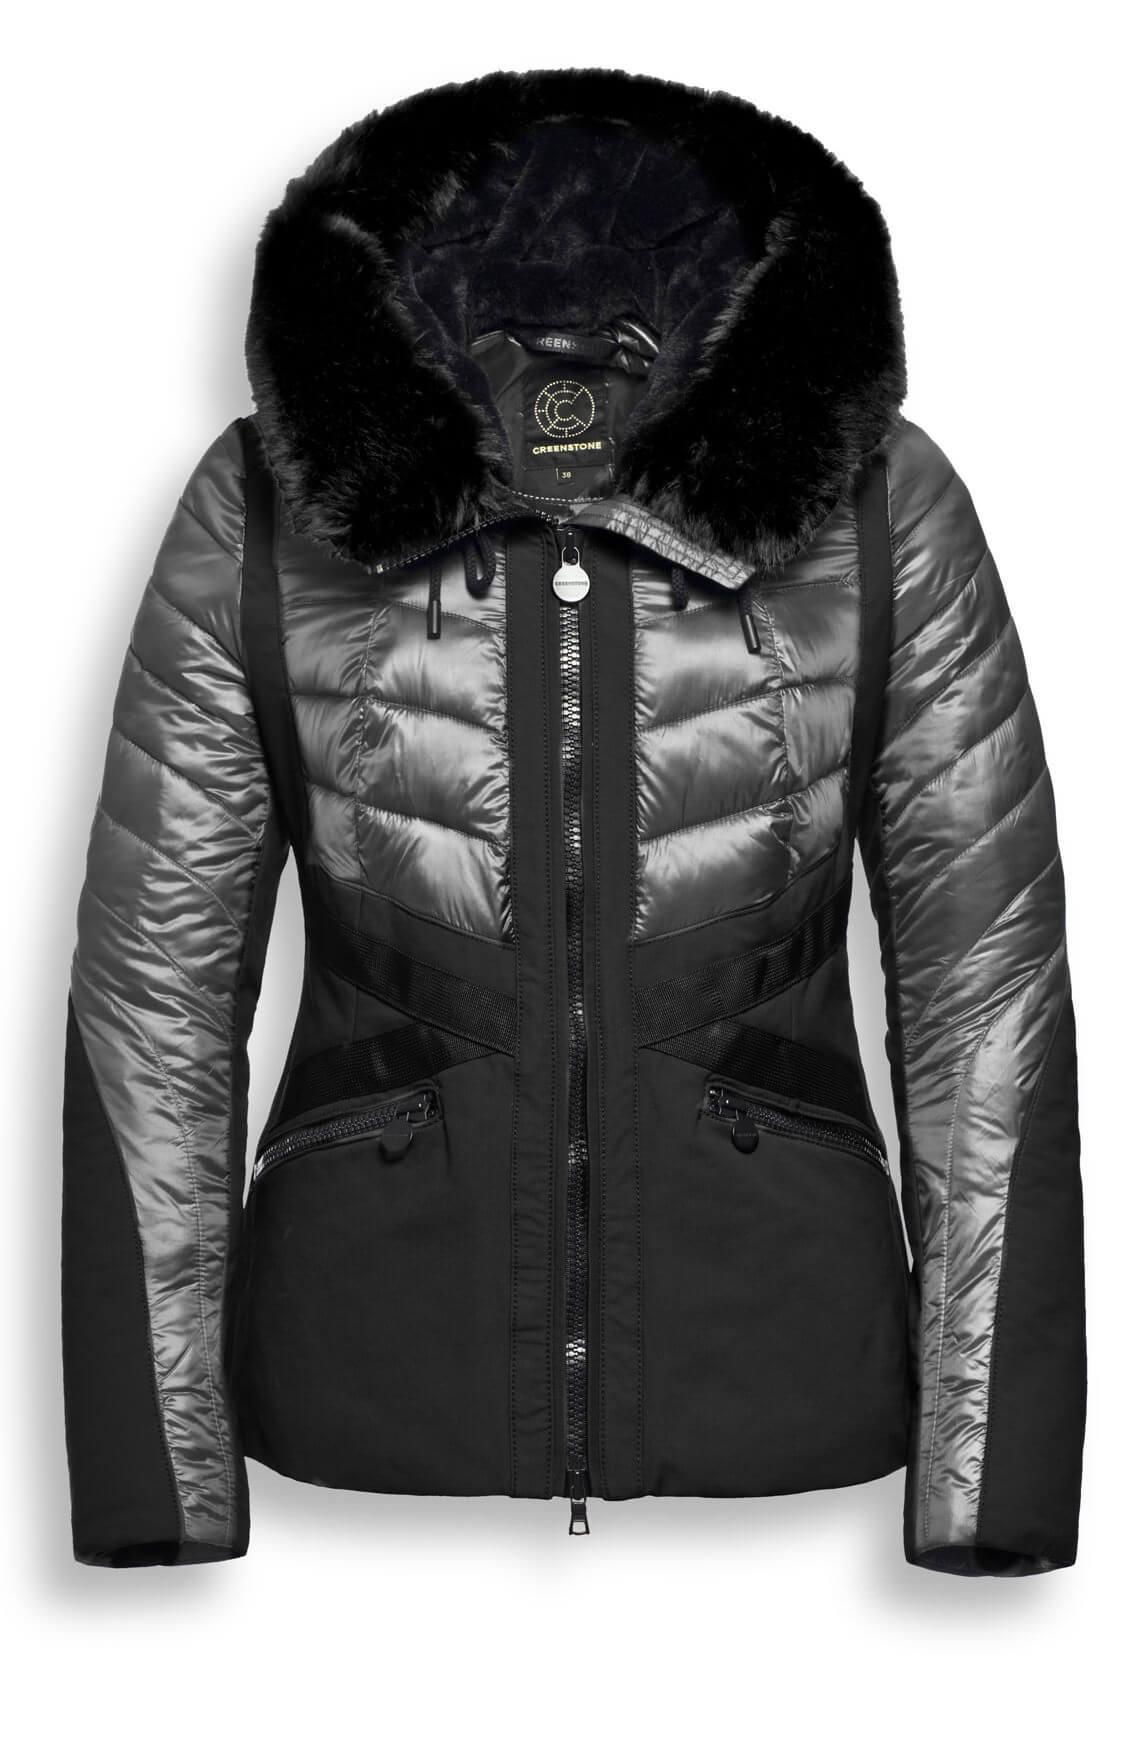 Creenstone Dames Korte gewatteerde jas zwart